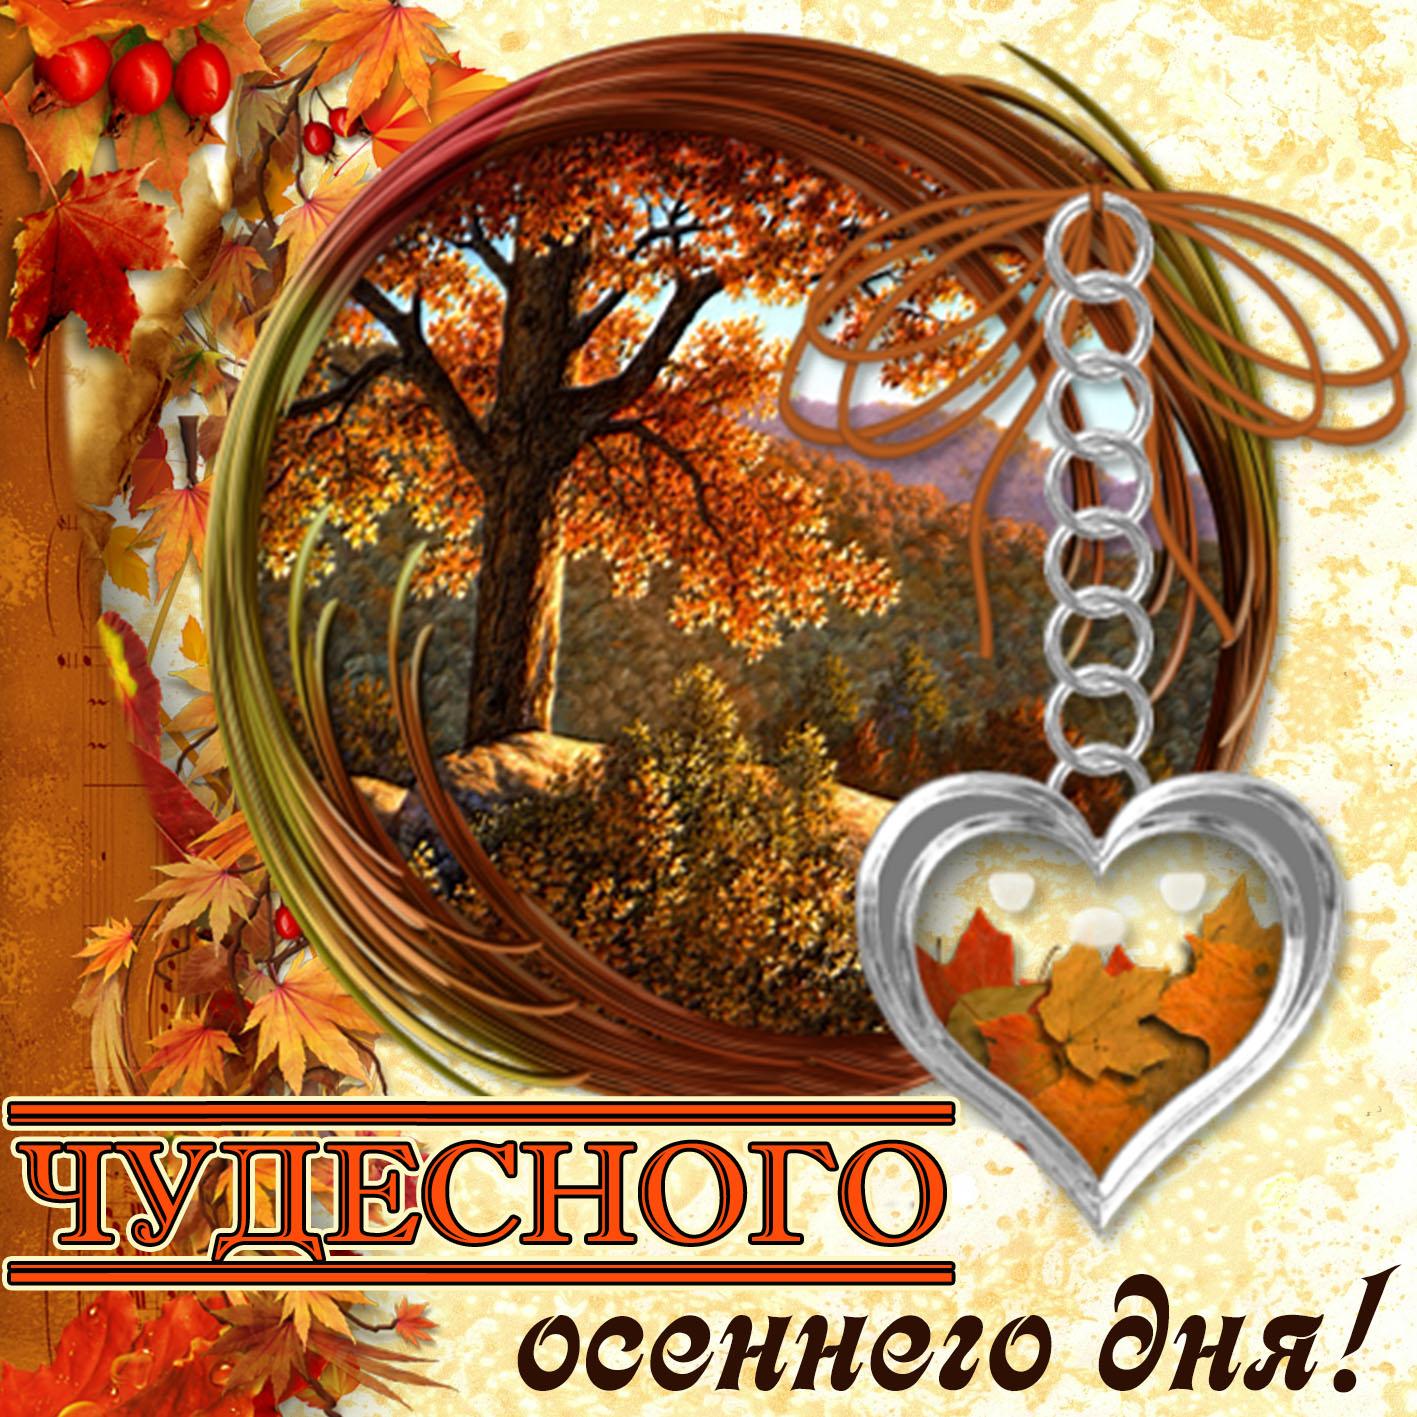 Бабушке день, картинки с надписями чудесного осеннего дня